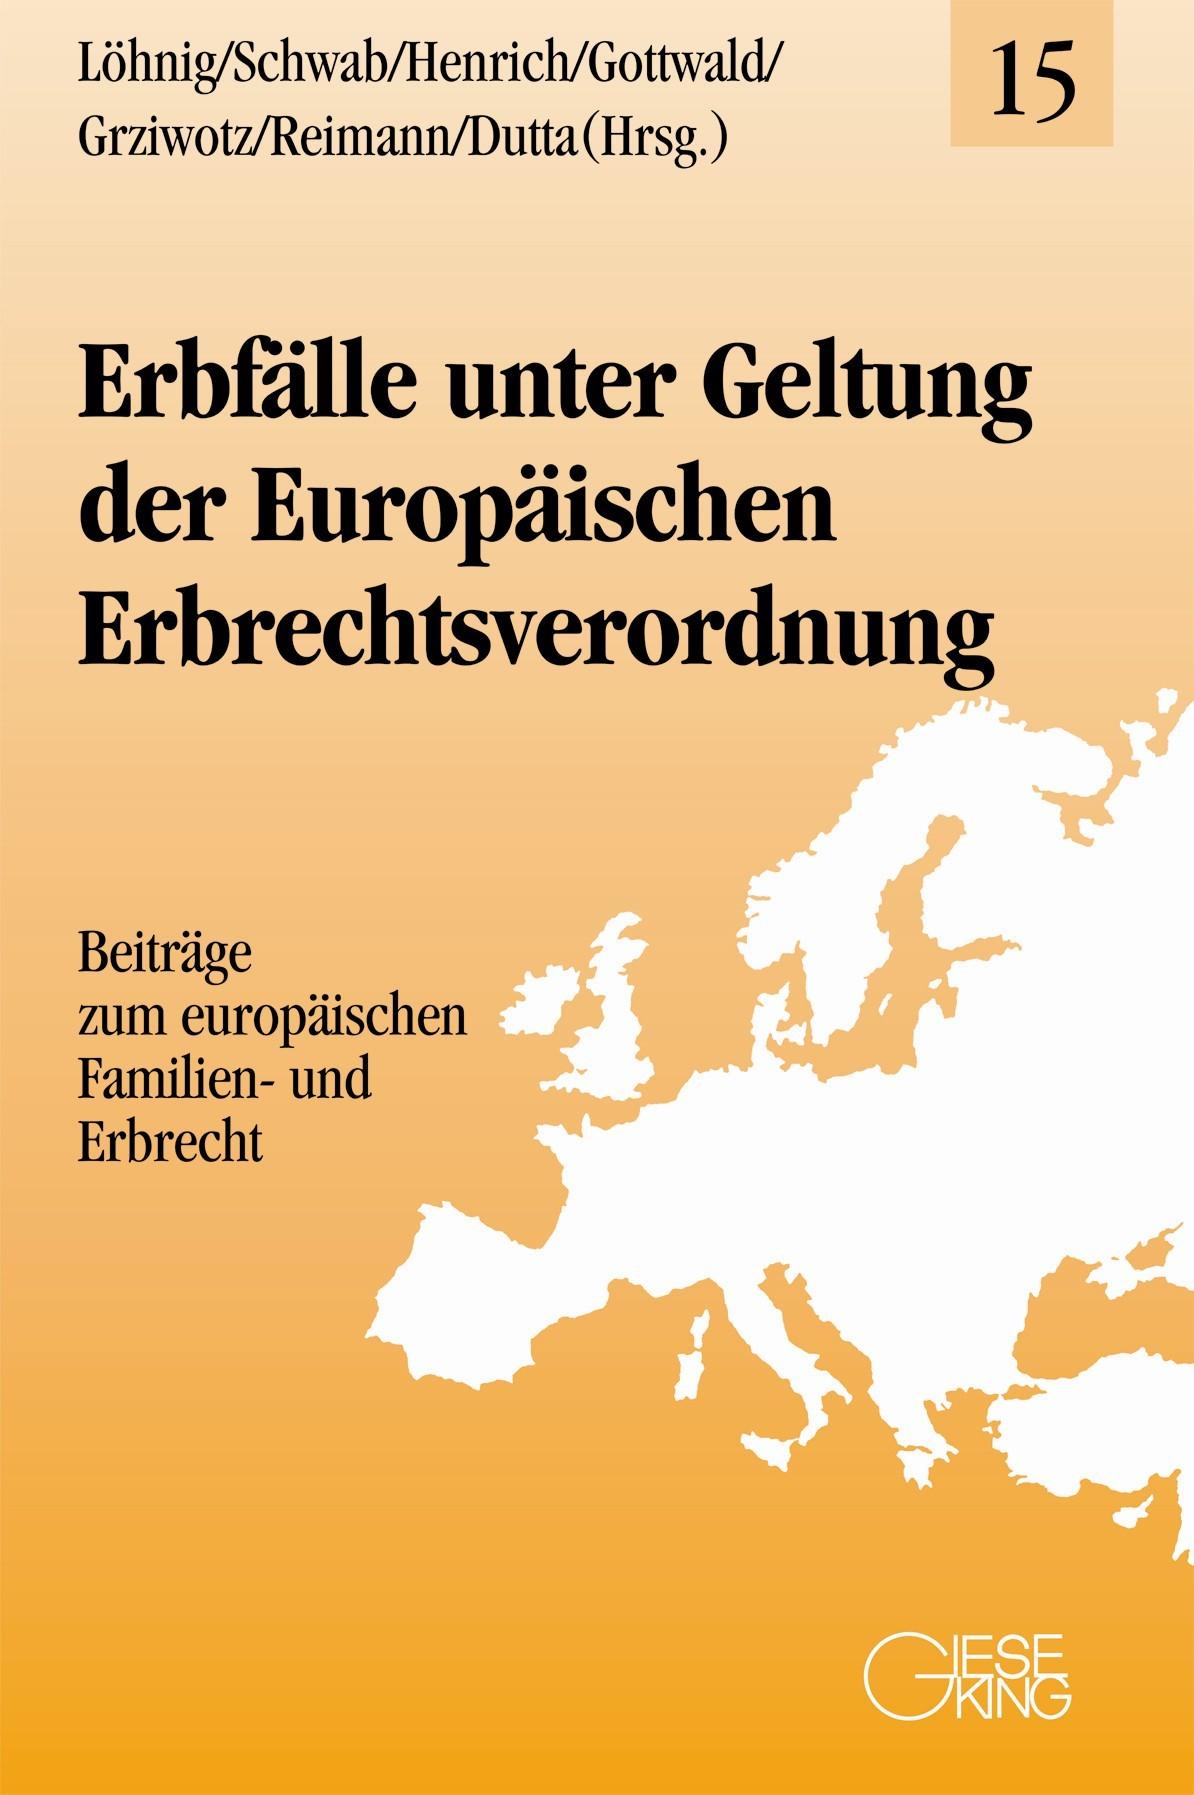 Erbfälle unter Geltung der Europäischen Erbrechtsverordnung | Löhnig / Schwab / Henrich / Gottwald / Grziwotz / Reimann / Dutta (Hrsg.), 2014 | Buch (Cover)